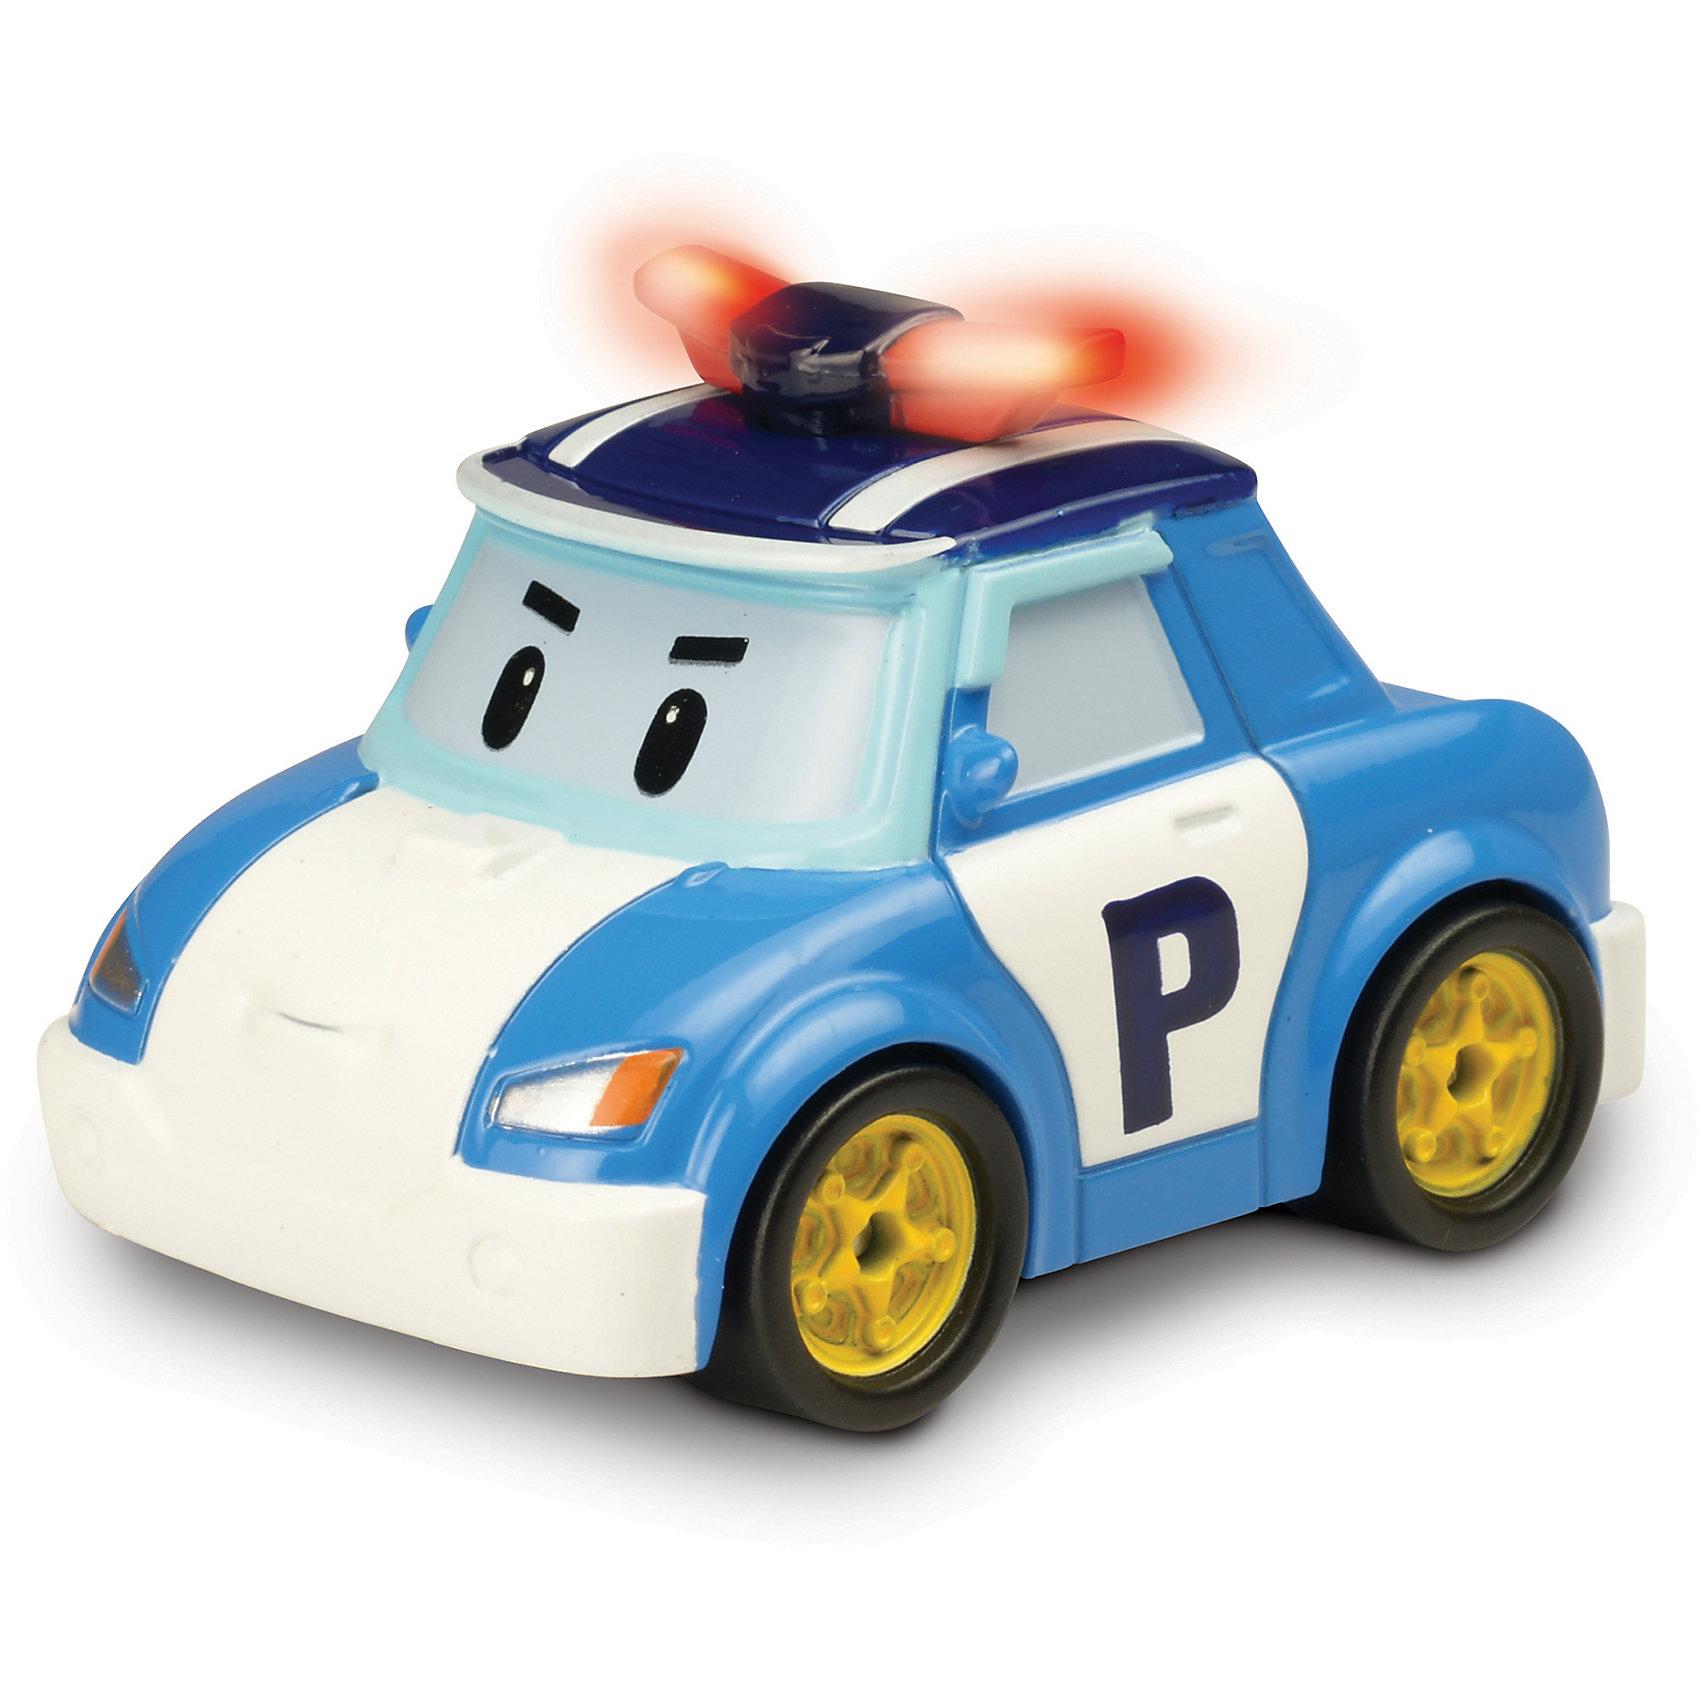 Умная машинка Поли, 6 см, Робокар ПолиУмная машинка Поли, 6 см, Робокар Поли – это автомобиль из мультсериала «Робокар Поли», который является членом команды спасателей. Это отважная полицейская машина-робот, которая борется с несправедливостью и обеспечивает порядок в удивительном городке Брумс. Главная особенность игрушек из серии «Умные машинки»  в том, что они оснащены внутренним аккумулятором и могут самостоятельно ездить по трекам всех игровых наборов серии «Робокар Поли», а в случае препятствия машинки самостоятельно останавливаются в 5 см от него! <br><br>Характеристики:<br>-Развивает: воображение, память, логическое мышление, мелкую моторику, речь, фантазию<br>-Игрушка выполнена из высококачественного пластика, с аккуратно обработанными краями, использованные красители не токсичны и гипоаллергенны<br>-Можно собрать всю коллекцию машин-спасателей (скорая помощь, пожарная машина, вертолет и полицейский) и разнообразить игры<br>-2 варианта движения машинки: инерционный или на основе встроенного аккумулятора (необходима станция подзарядки)<br><br>Дополнительная информация:<br>-Материалы: пластик<br>-Размеры в упаковке: 12х7х13 см<br>-Вес в упаковке: 94 г<br>-Размер машинки: 6 см<br>-Внимание! Станция подзарядки Energy station (Энерджи Стэйшн) покупается отдельно в составе игровых наборов-треков Умные машинки<br><br>Ребенок с интересом будет патрулировать улицы городка Брумстаун вместе Робокаром Поли, помогать его жителям в решении проблем, как в любимом мультфильме или придумывая сюжеты самостоятельно!<br><br>Умную машинку Поли, 6 см, Робокар Поли можно купить в нашем магазине.<br><br>Ширина мм: 120<br>Глубина мм: 70<br>Высота мм: 130<br>Вес г: 94<br>Возраст от месяцев: 36<br>Возраст до месяцев: 84<br>Пол: Унисекс<br>Возраст: Детский<br>SKU: 4281694